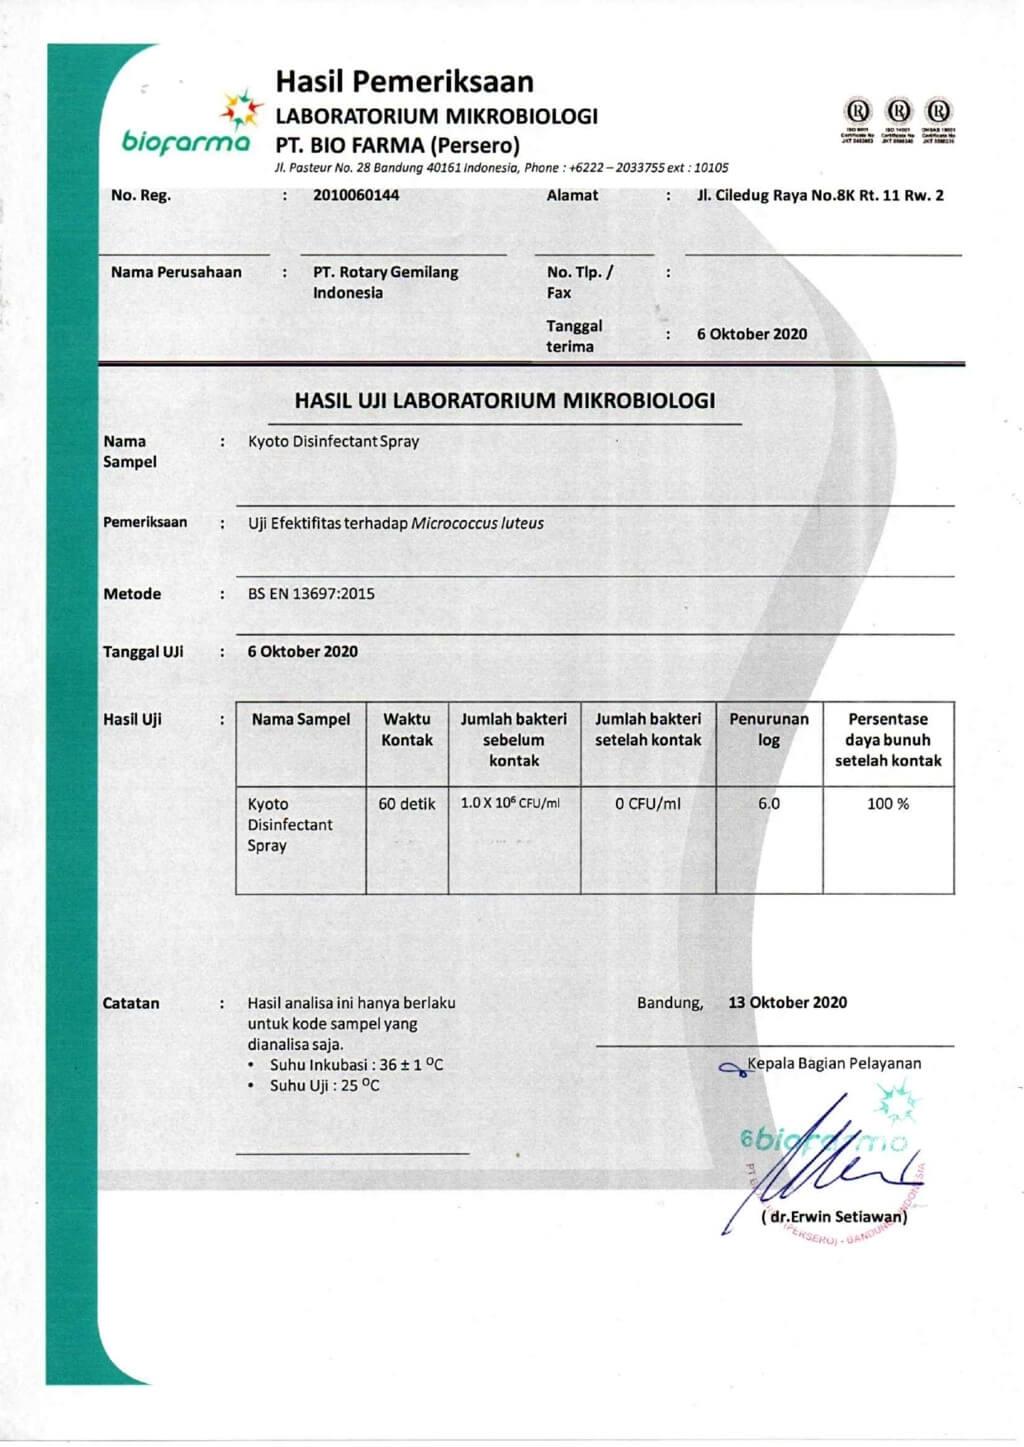 optimize- Hasil Lab Biofarma Aerosol_pages-to-jpg-0007